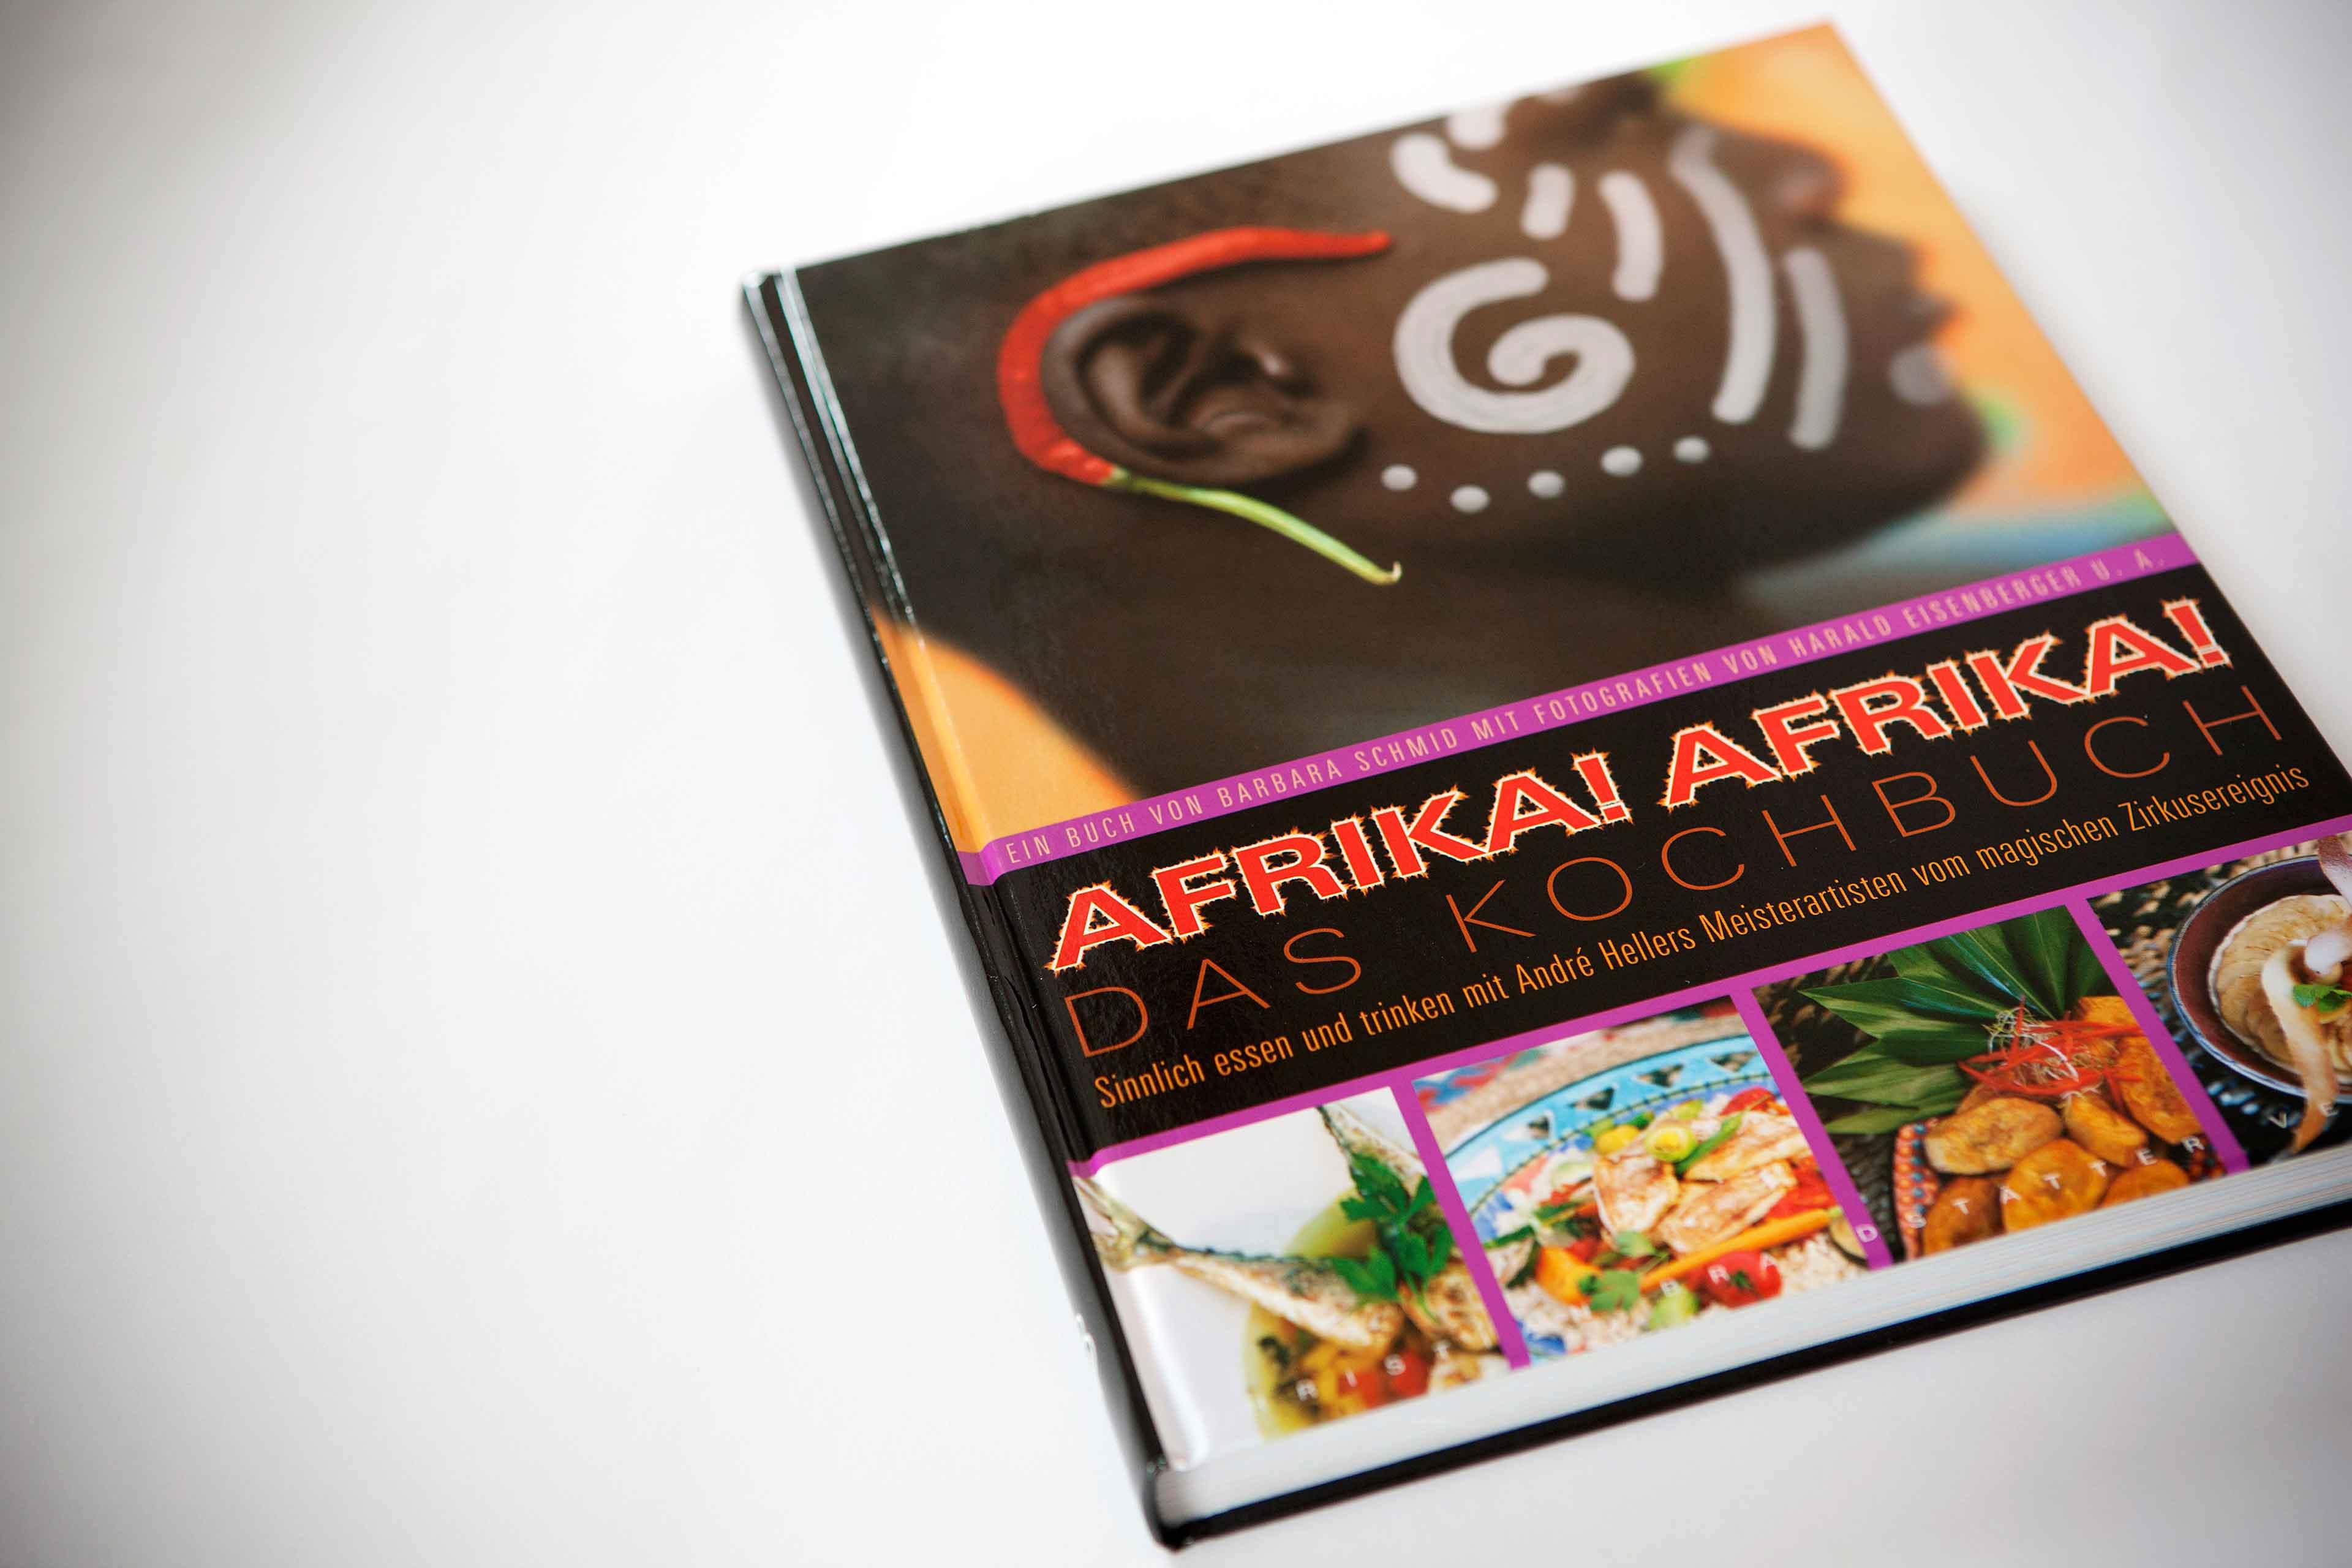 Afrika!Afrika! Das KochbuchSinnlich Essen Und Trinken Mit André Hellers  Meisterartisten Vom Magischen Zirkusereignis